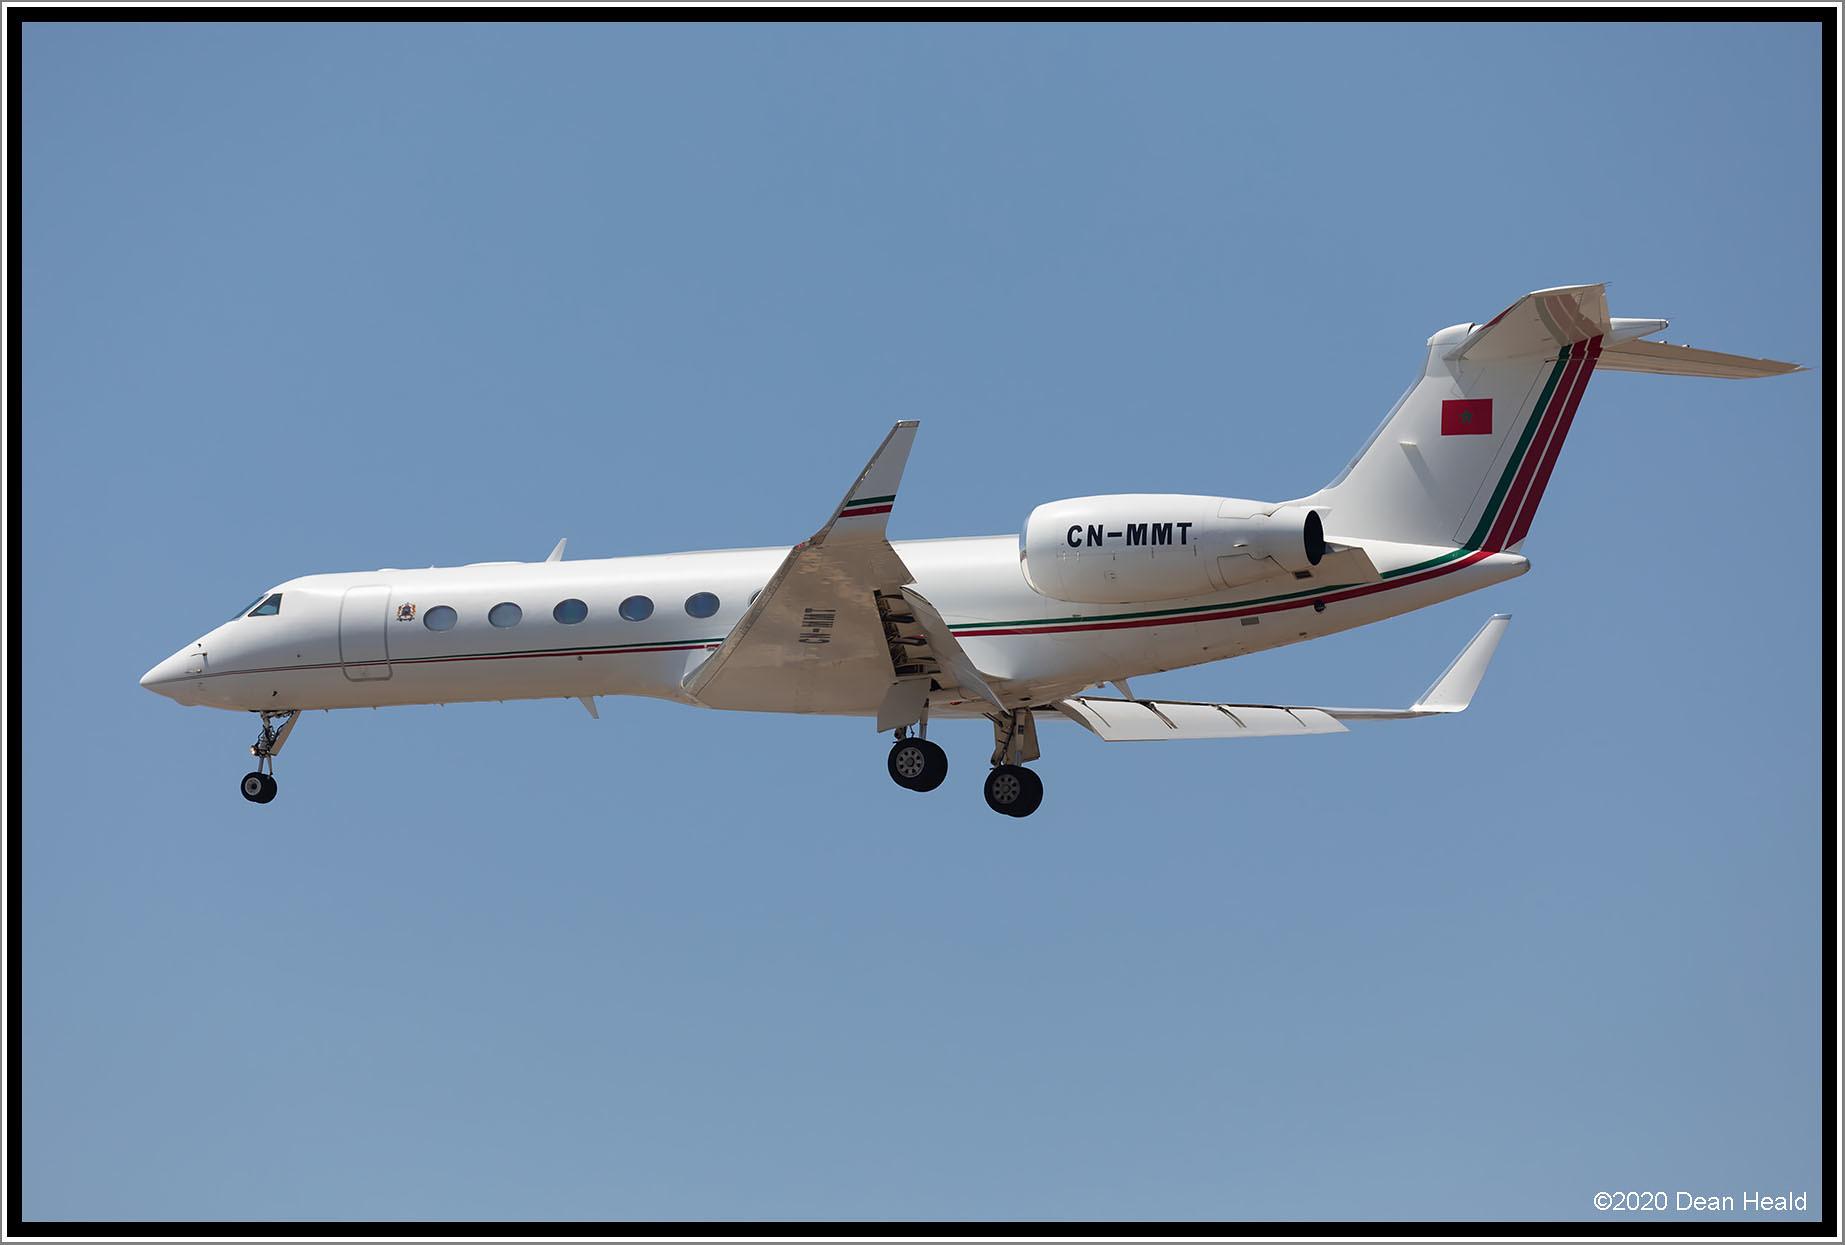 FRA: Avions VIP, Liaison & ECM - Page 24 50121713041_d08ee4b212_k